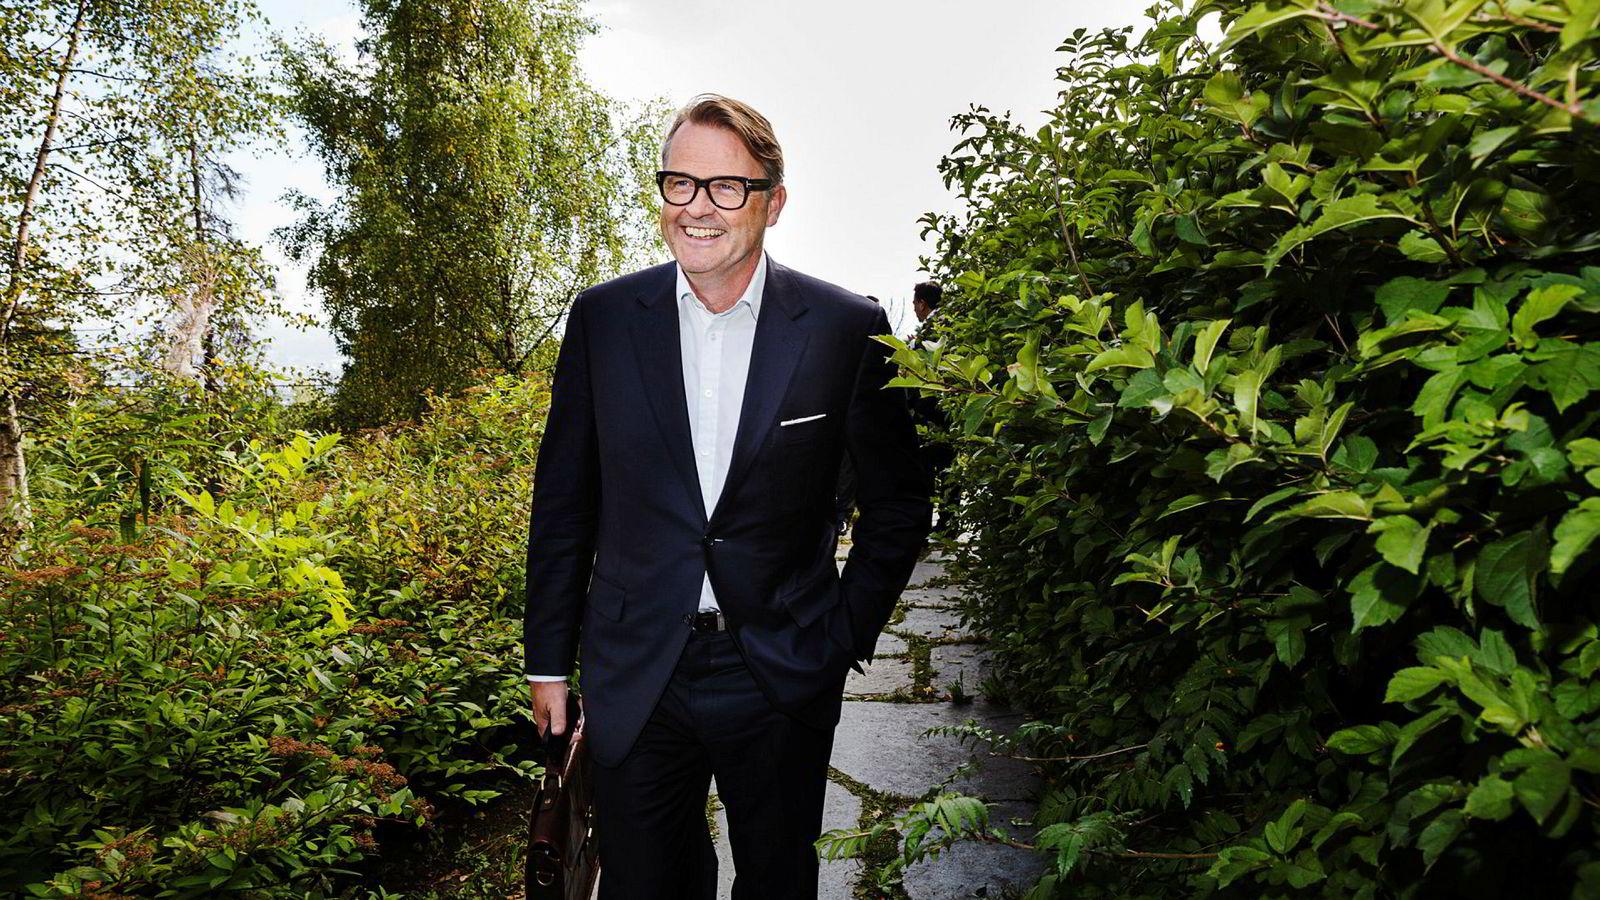 Styreleder Riulf Rustad i Noreco har så langt hatt klaff med oljeprissikringen sin, som ble inngått etter at oljeselskapet kjøpte Shell-andeler til drøyt 15 milliarder kroner på dansk sokkel 17. oktober.